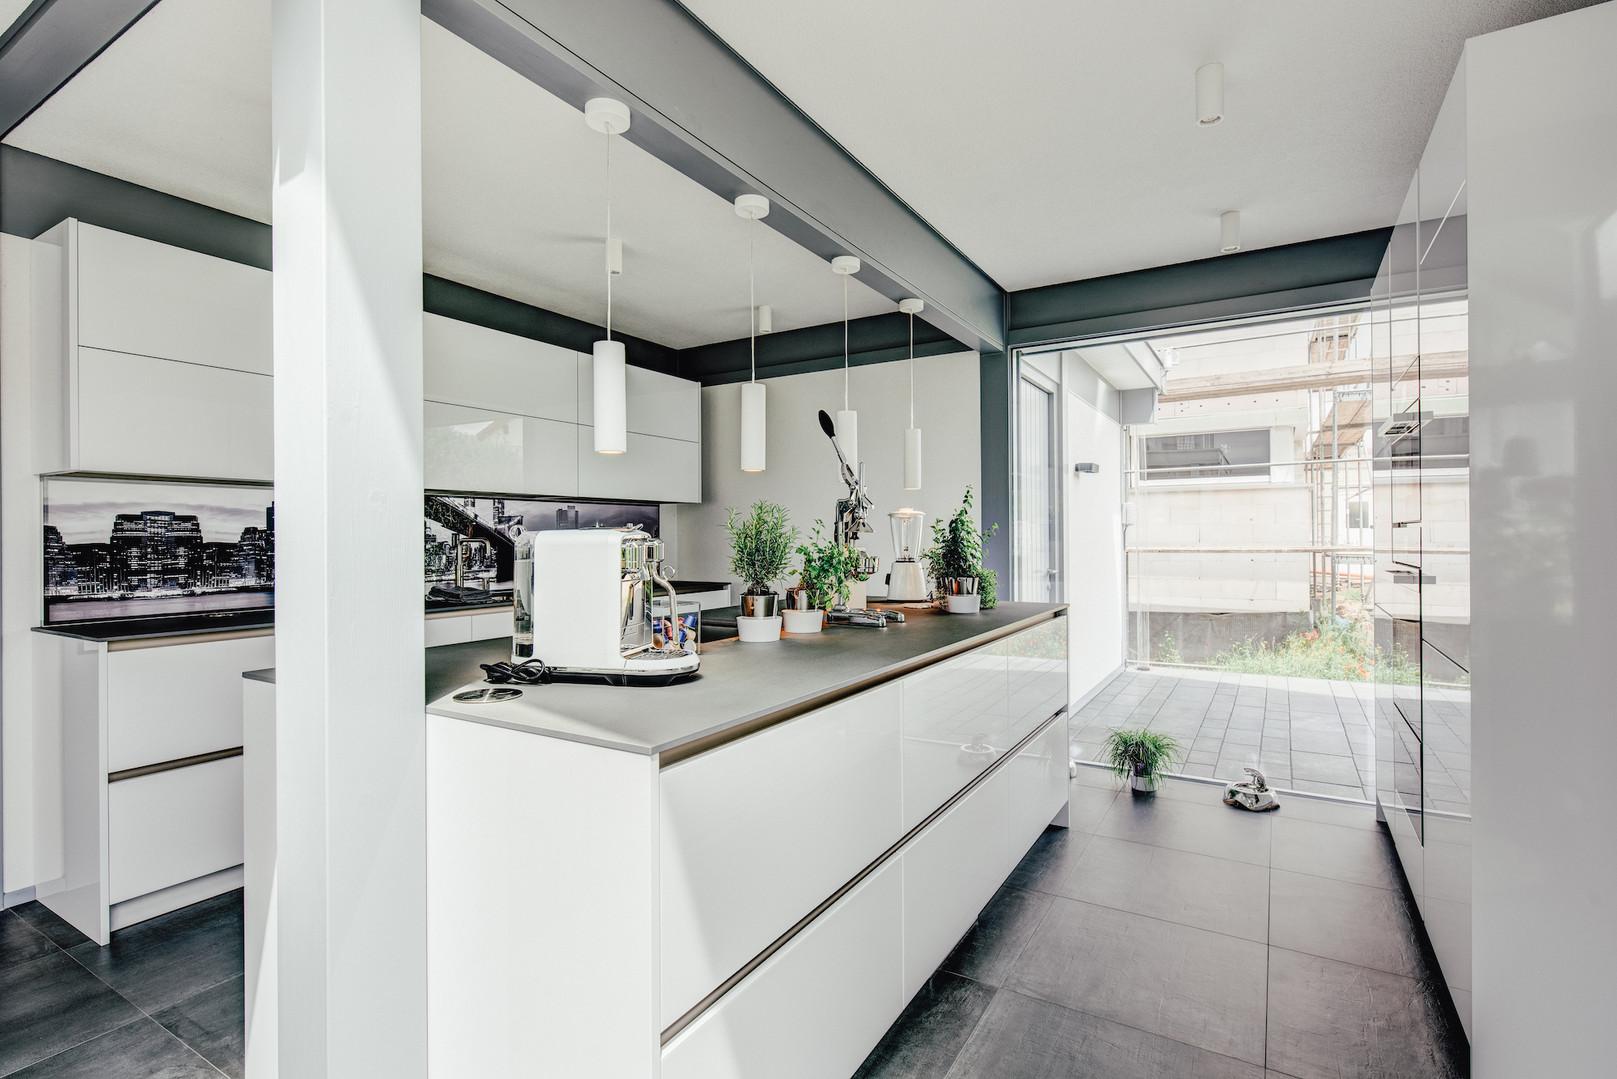 Küchenstudio-Braun_2020-06-05_13-10-49.j